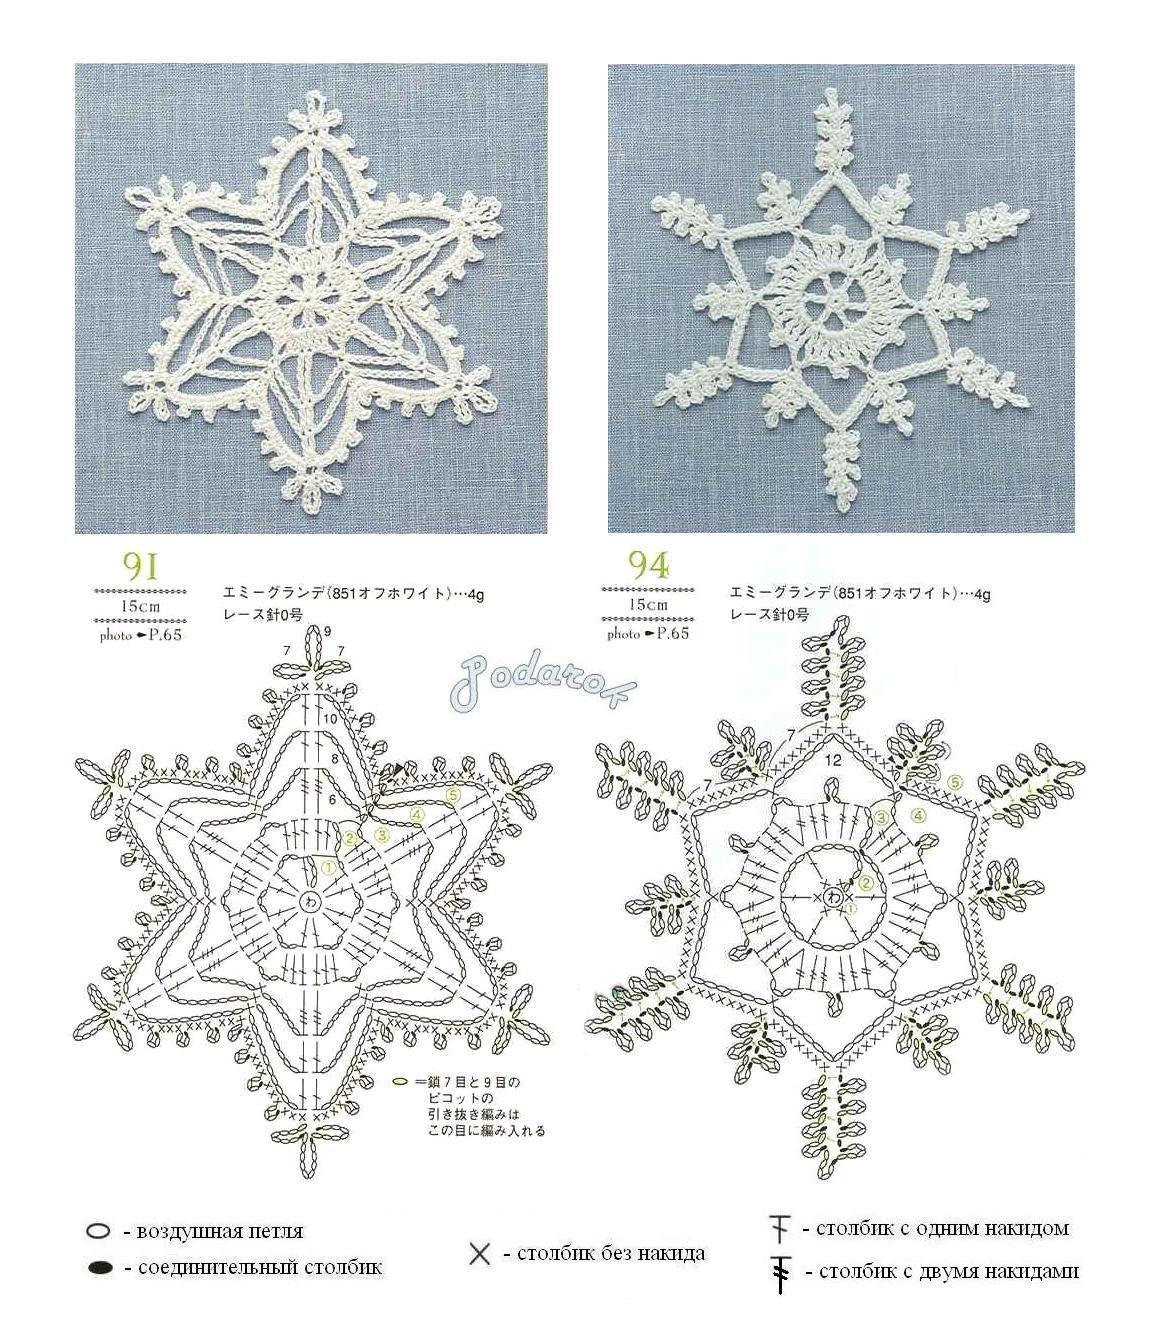 Маленькие салфетки снежинки крючком схемы. описание вязания и схемы новогодних салфеток крючком. видео: двухцветная снежинка